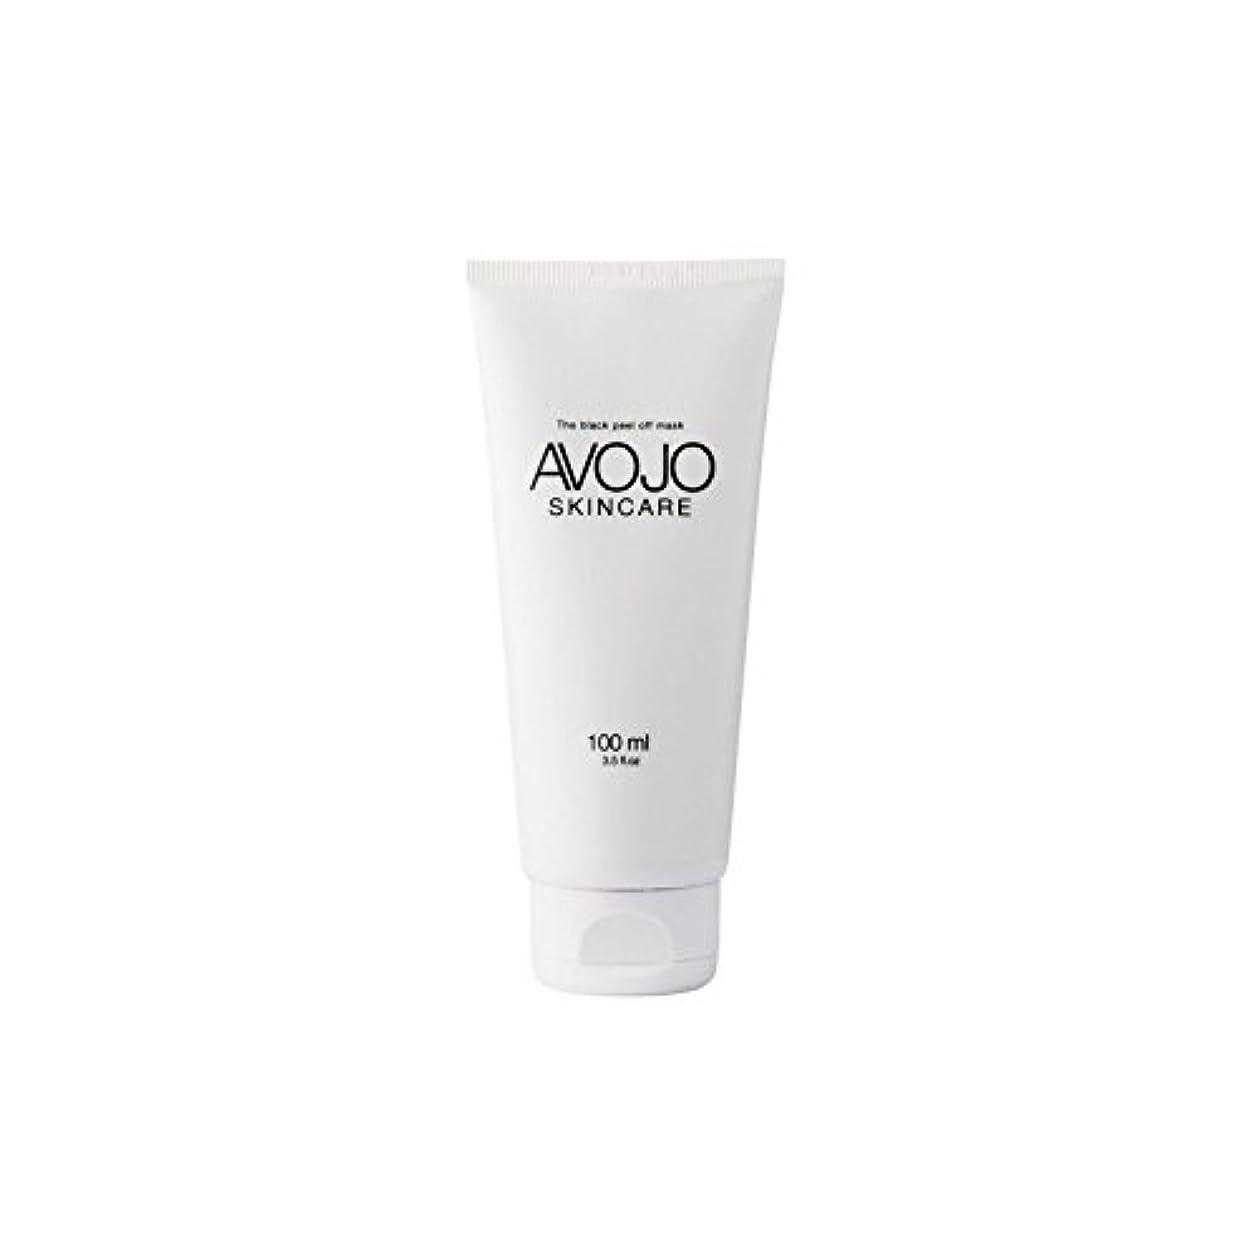 偽技術的な運賃Avojo - The Black Peel Off Mask - (Bottle 100ml) (Pack of 6) - - 黒皮オフマスク - (ボトル100ミリリットル) x6 [並行輸入品]